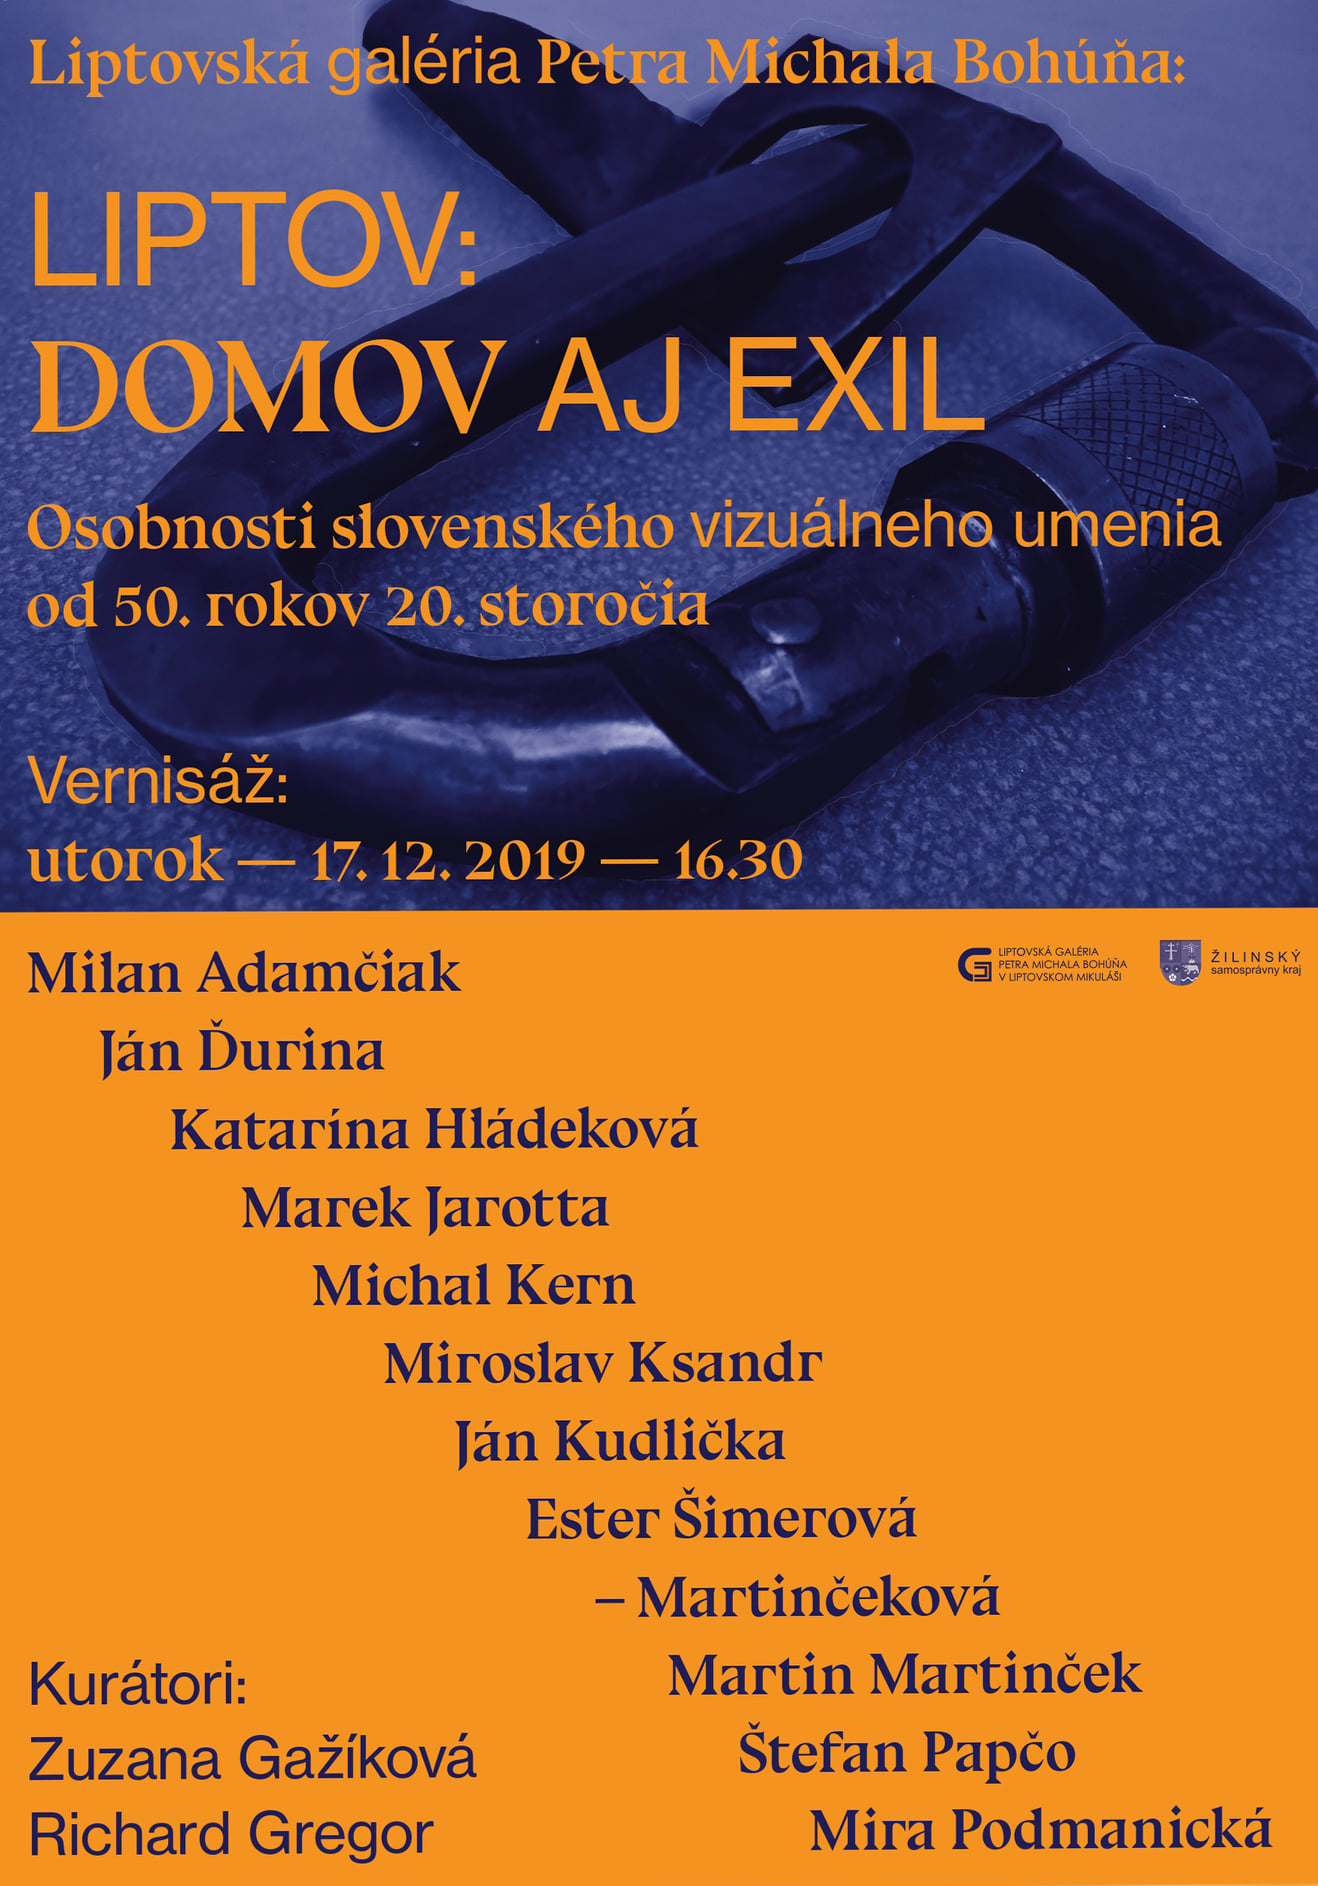 DOMOV AJ EXIL